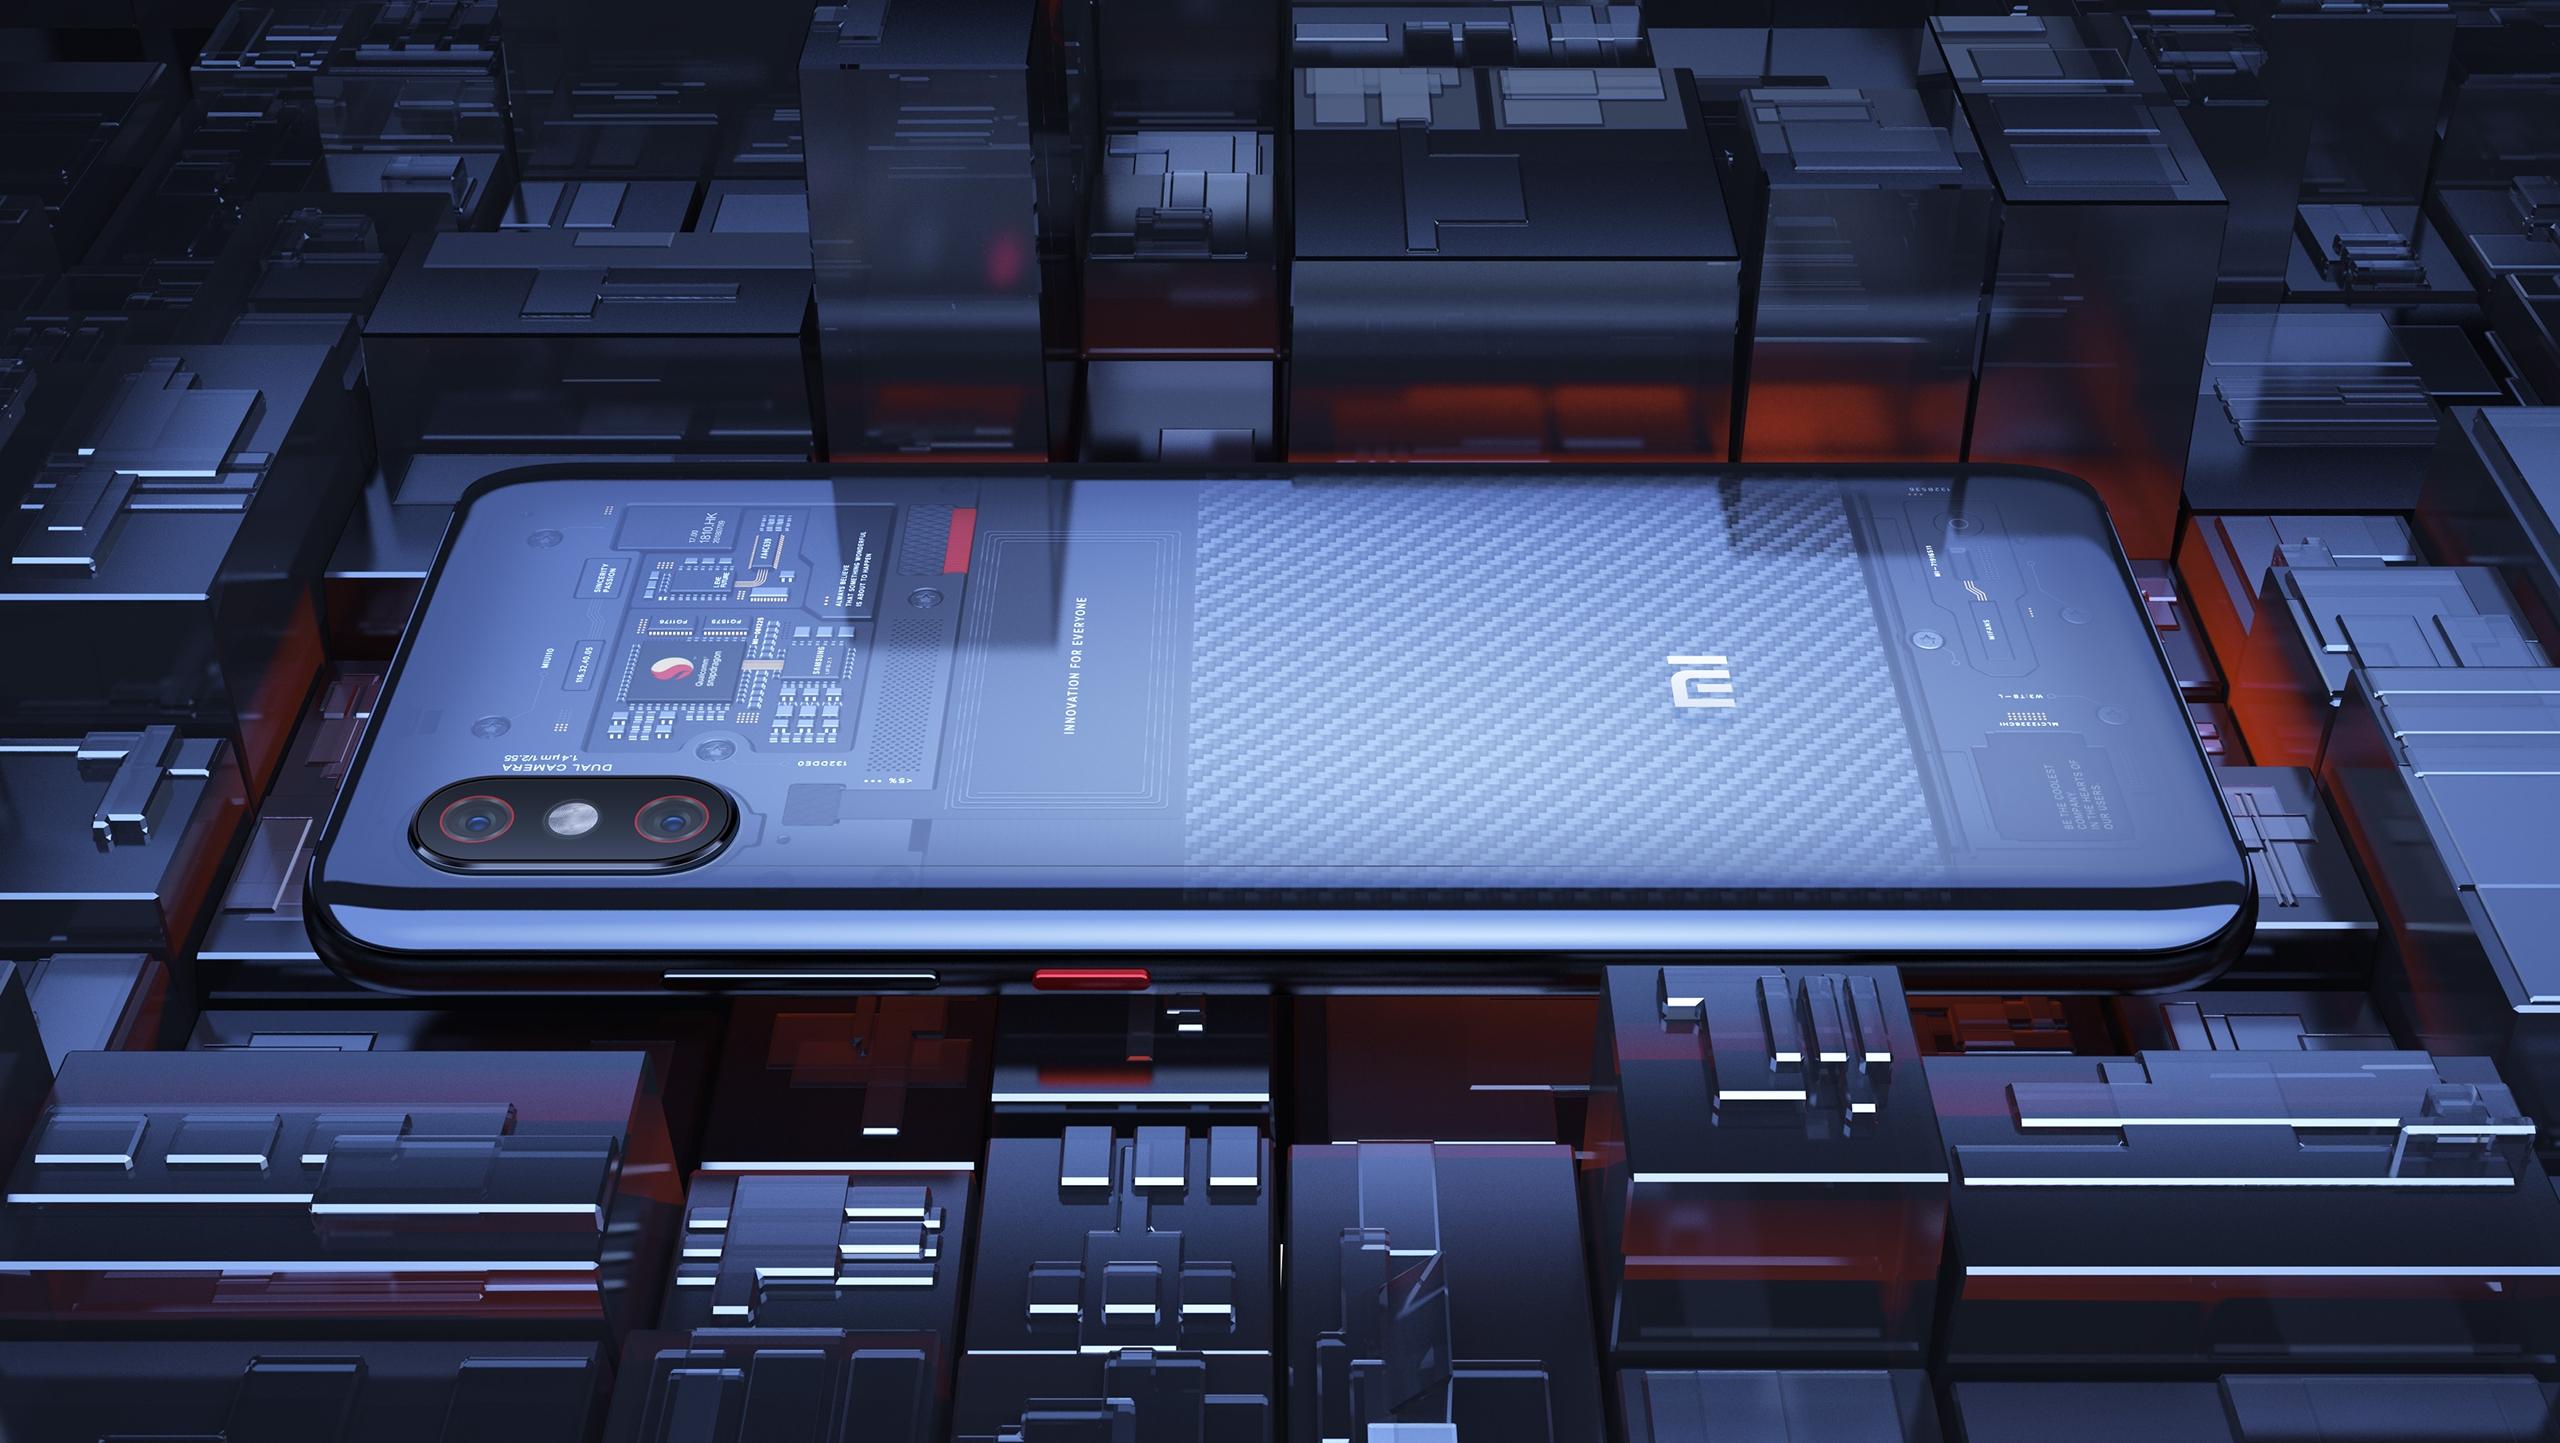 [ADX] Xiaomi Mi 8 Pro con su carcasa transparente atrae miradas por fuera y por dentro [Fotos+Video]